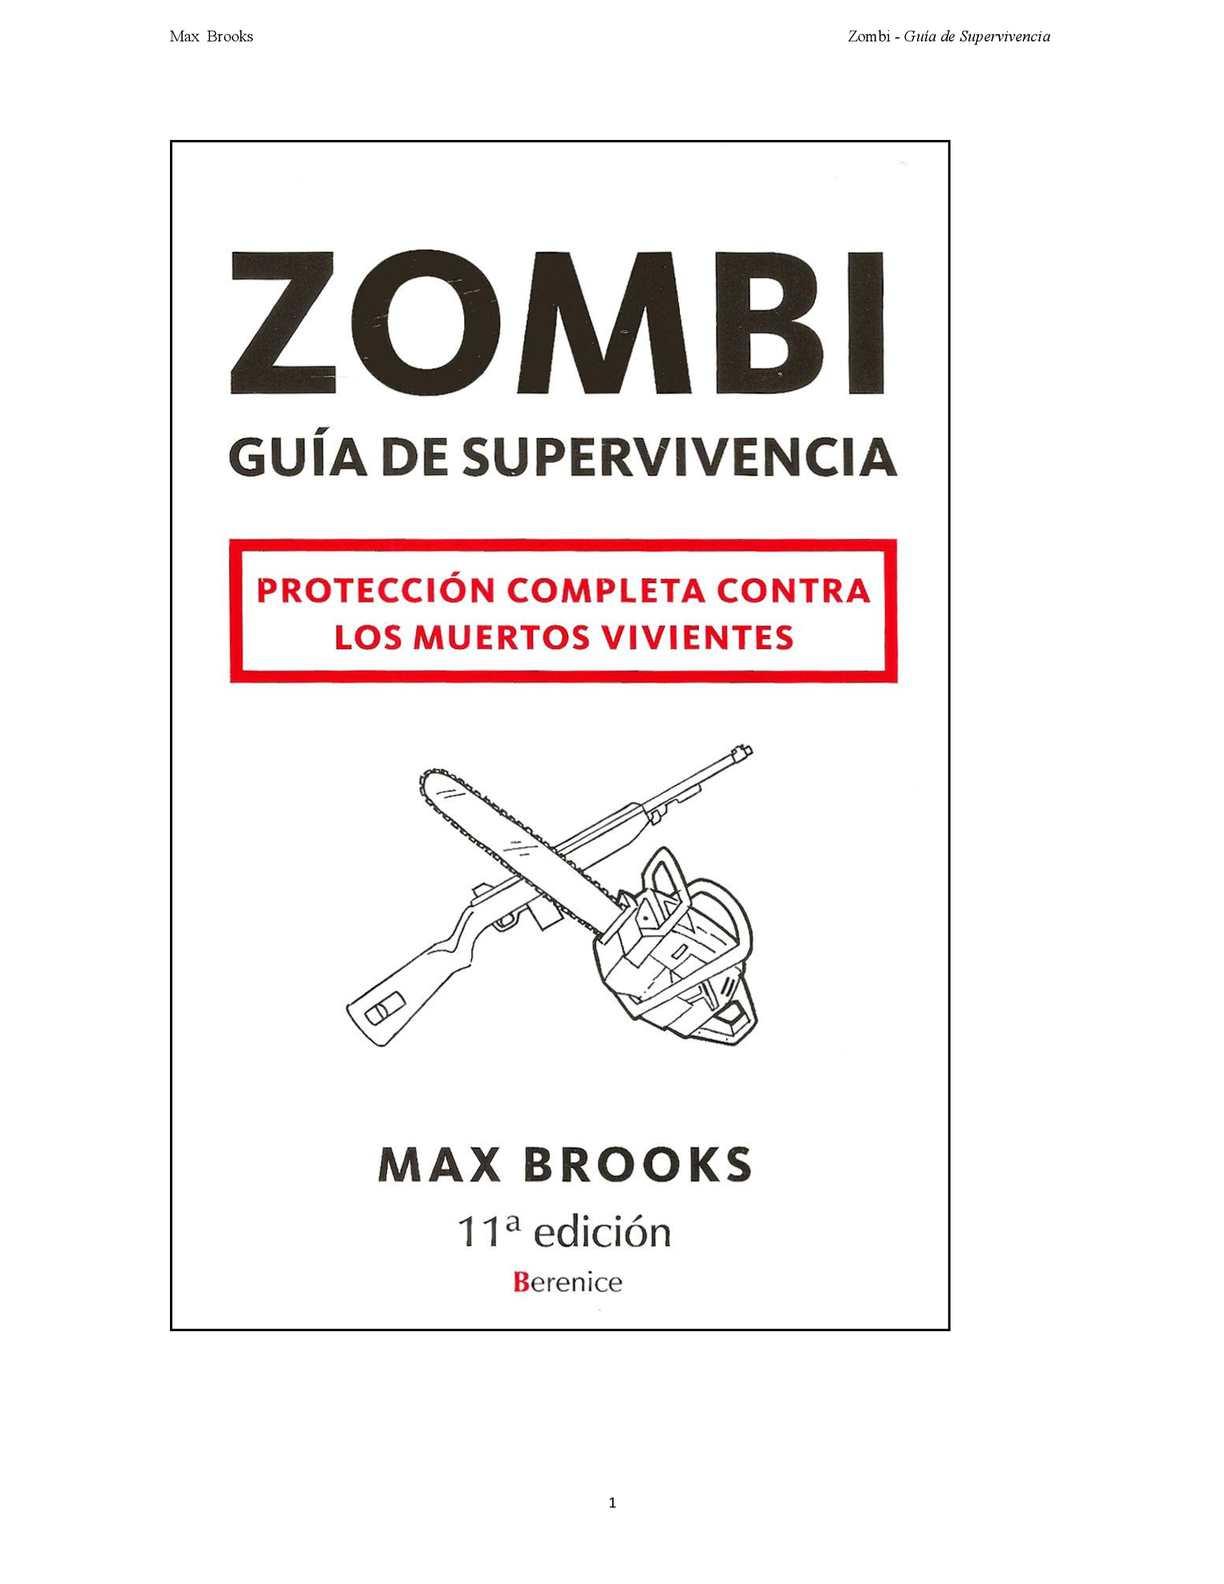 Calaméo - Guia de Supervivencia Zombie 5ac71daa051